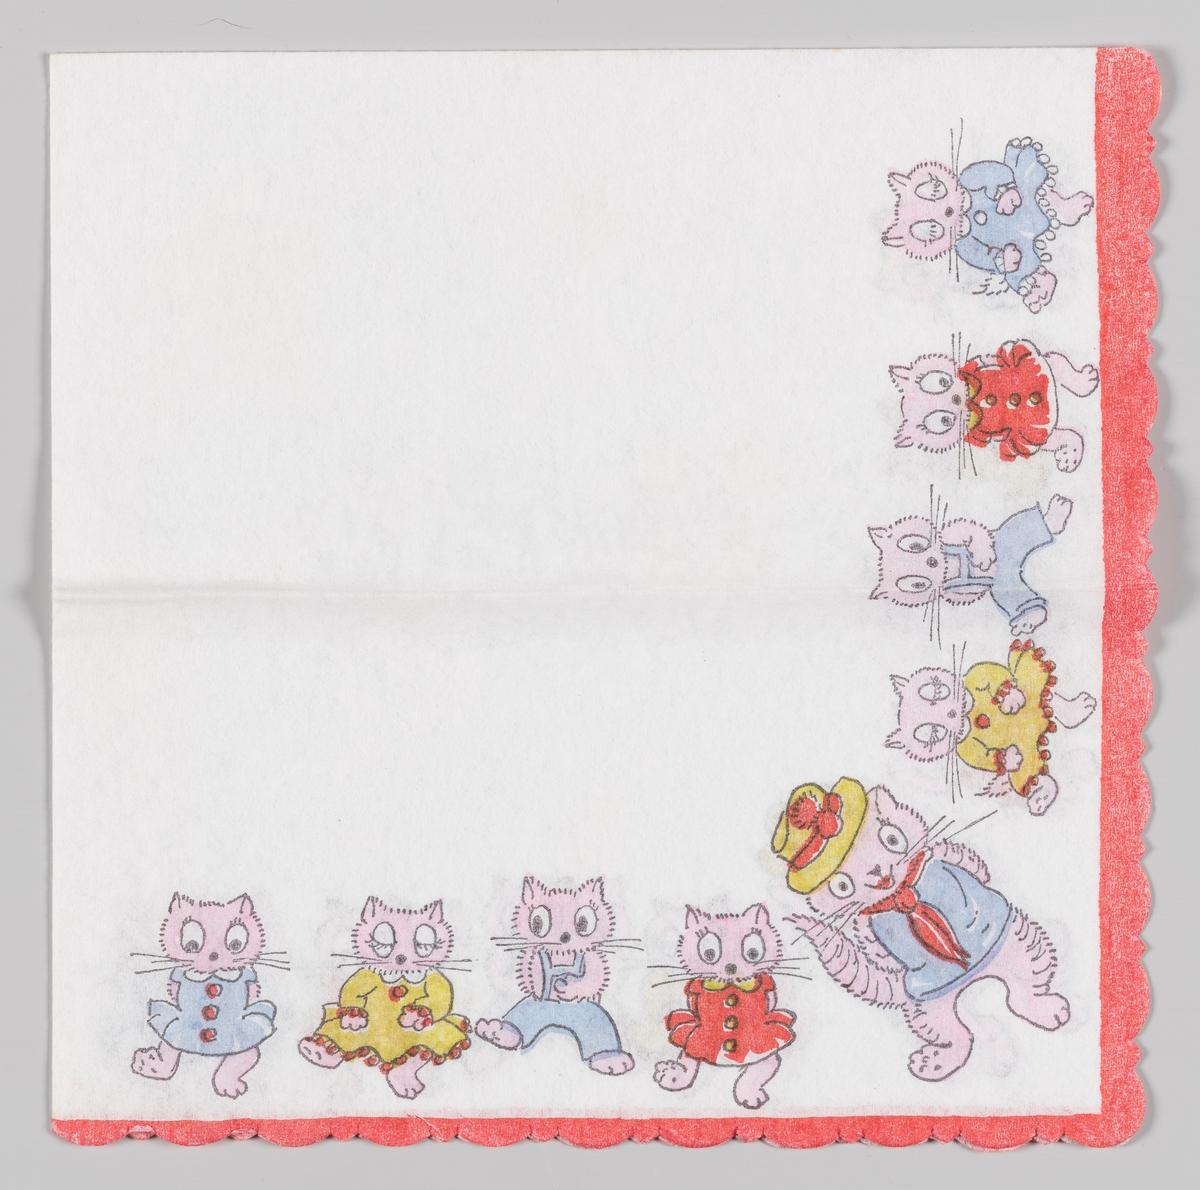 Mange katter i kjoler og bukser som danser i en lang rekke. Rød kant.